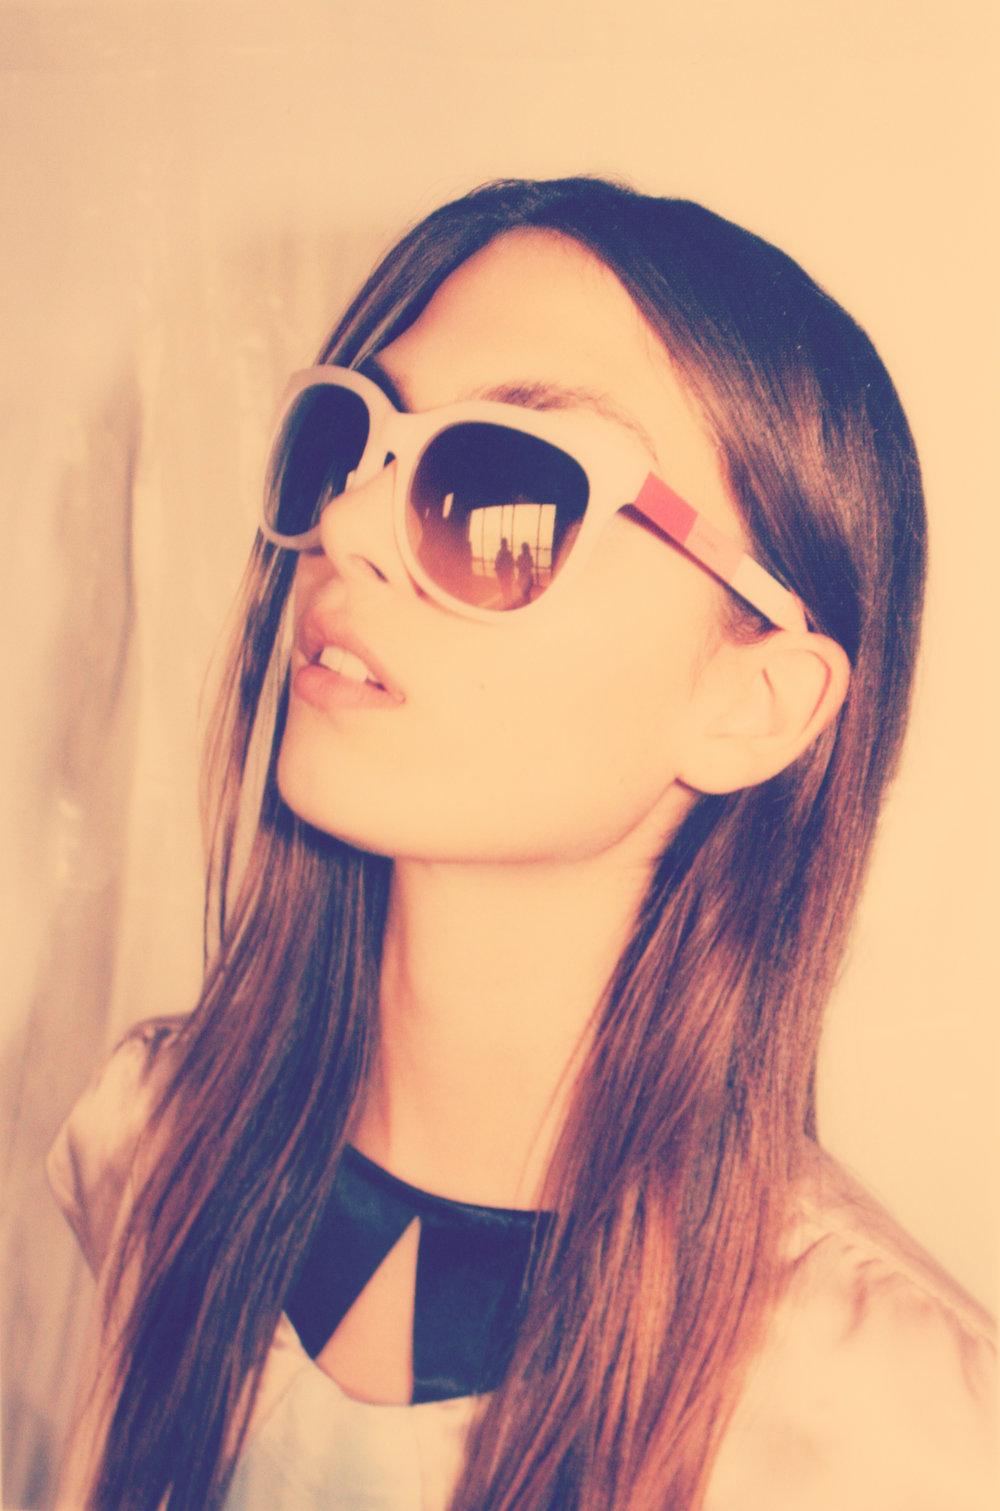 Girl Sunglasses.jpg